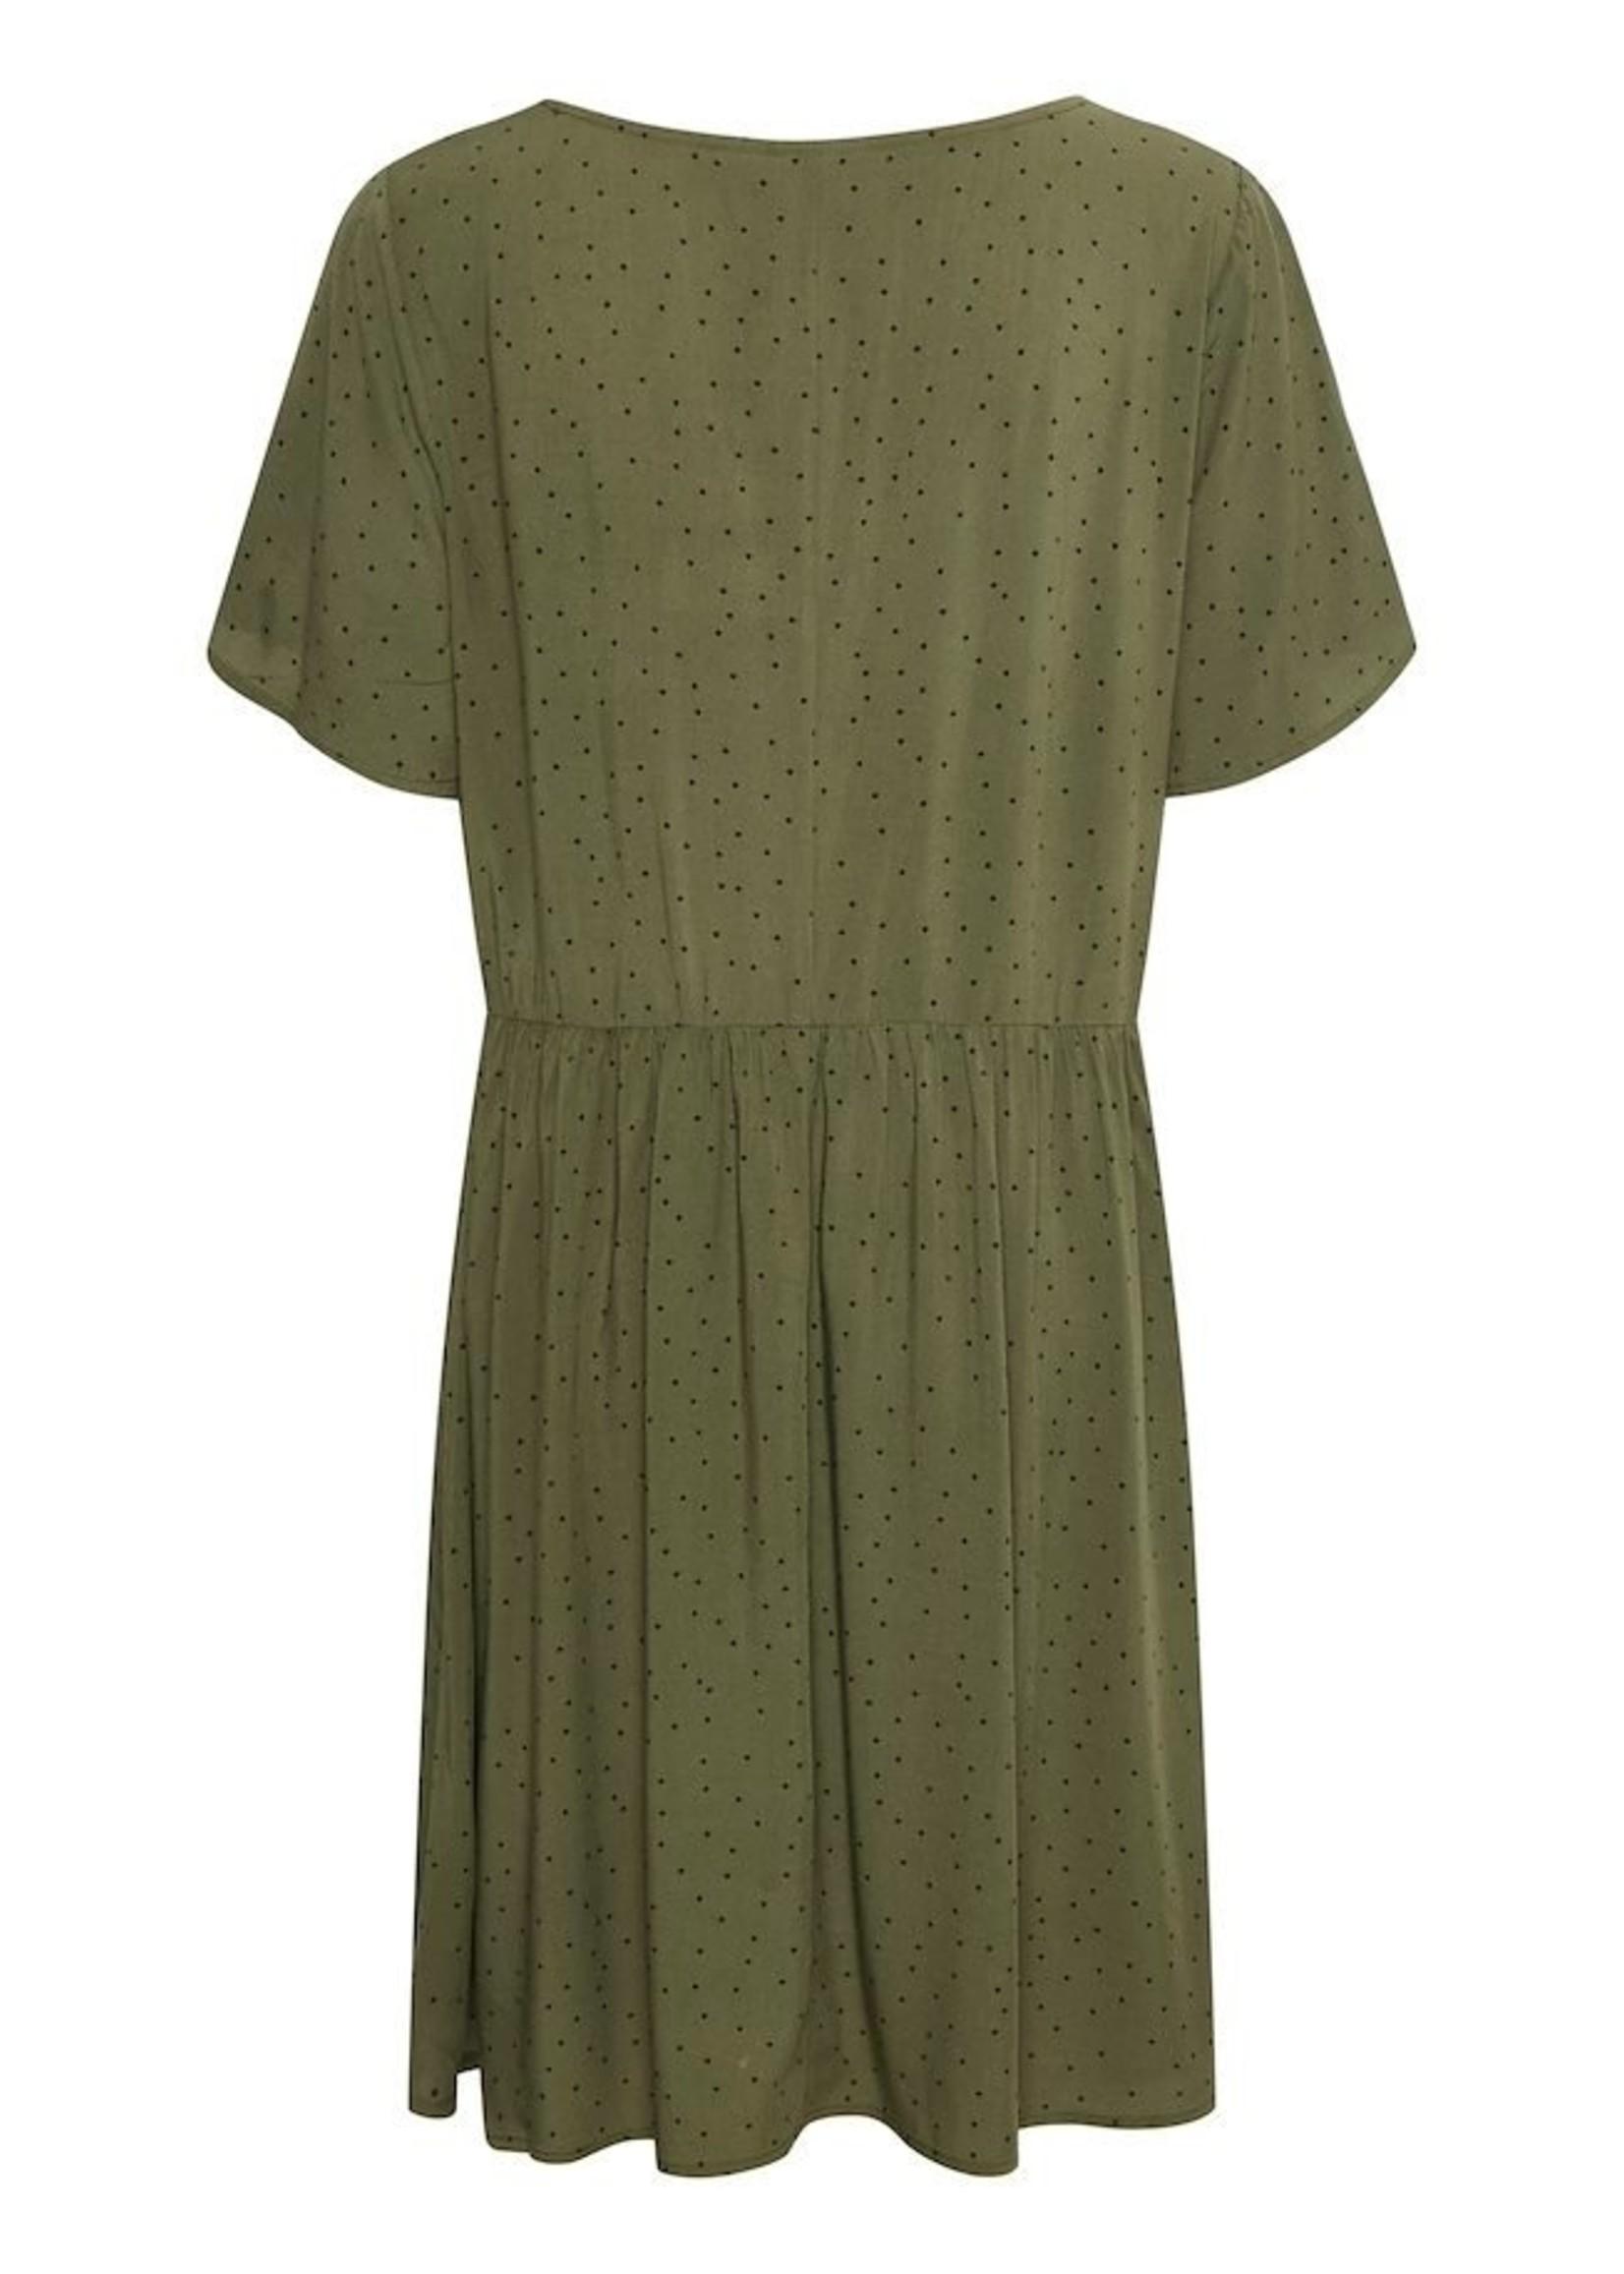 Saint Tropez Dress-light woven HilaSZ Dress